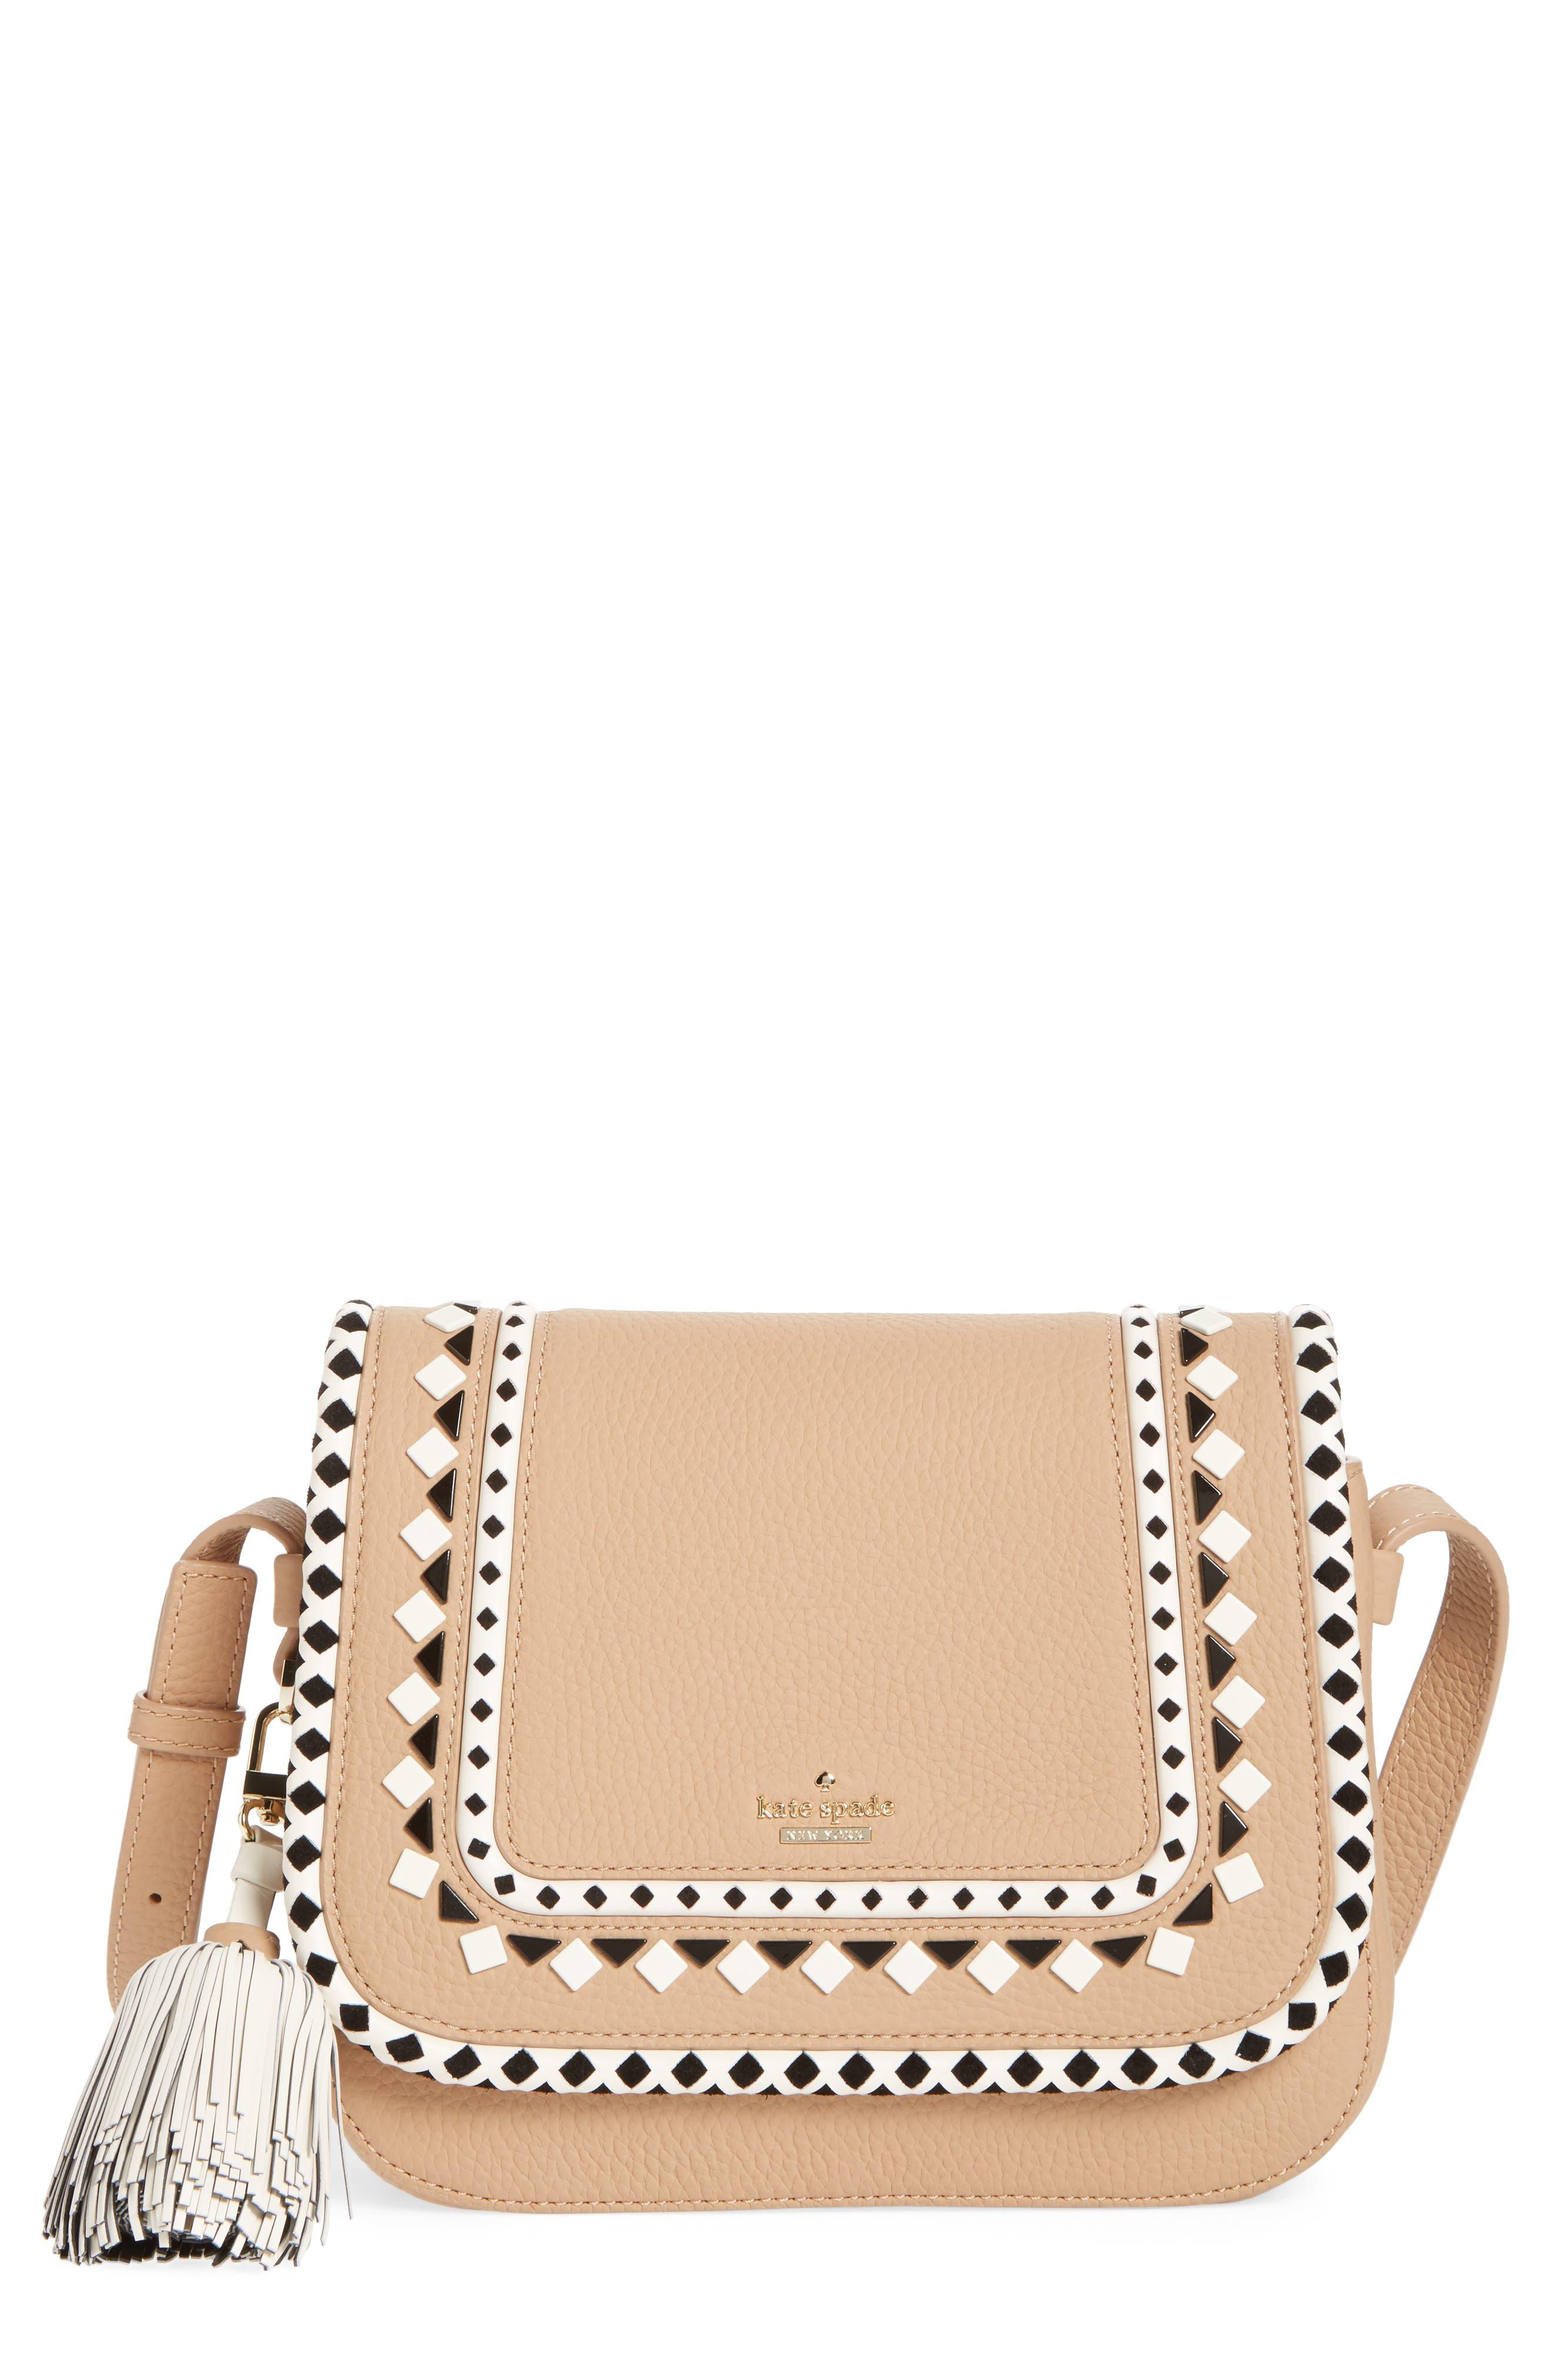 crown street - jasper leather saddle bag,                         Main,                         color, 248